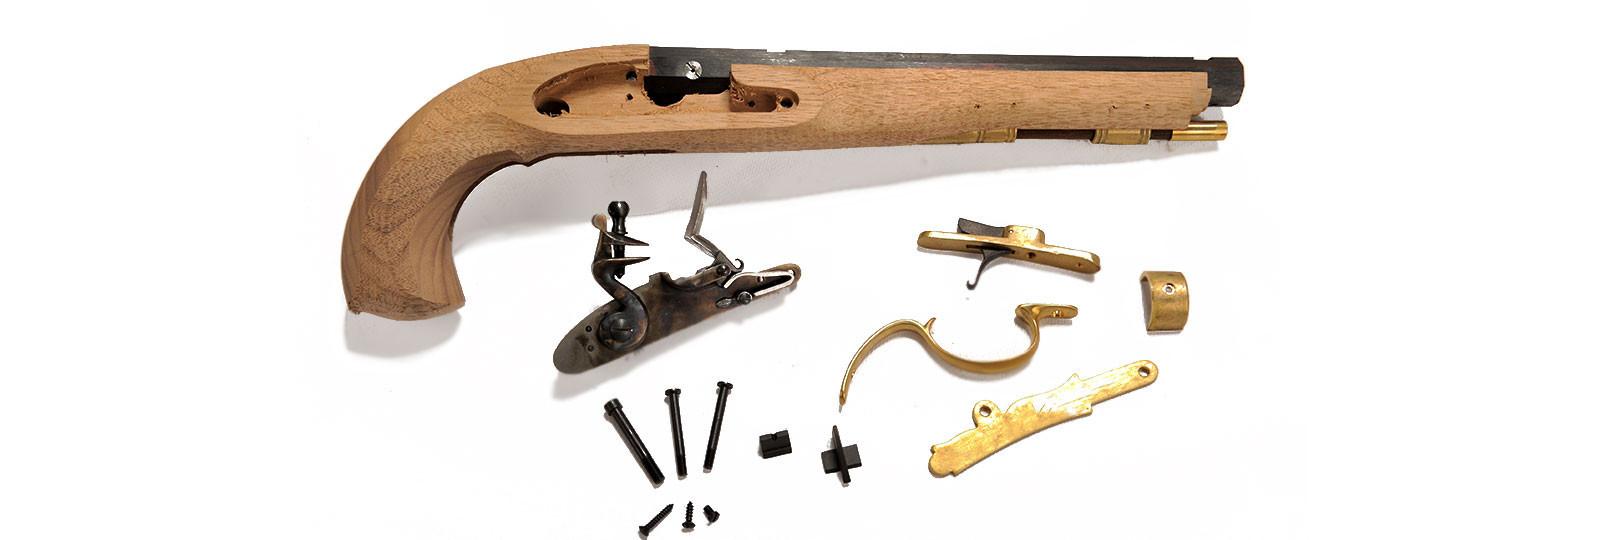 Kit kentucky pistol flintlock .54